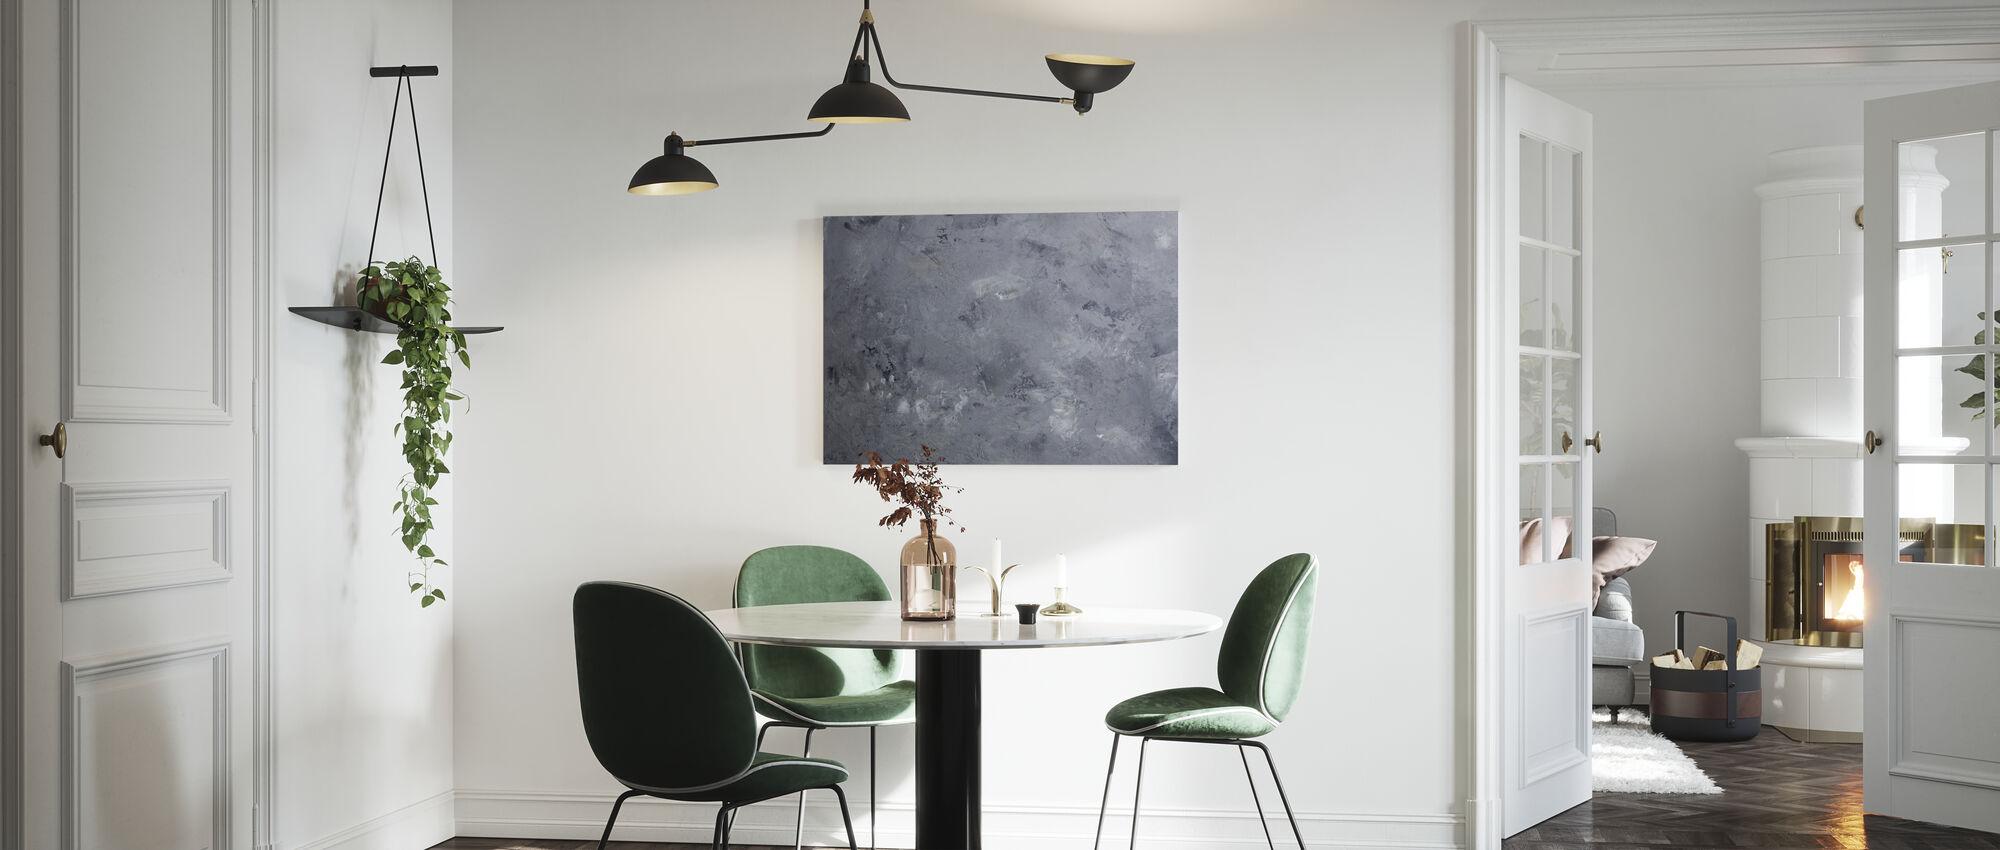 Gray Concrete Wall - Canvas print - Kitchen